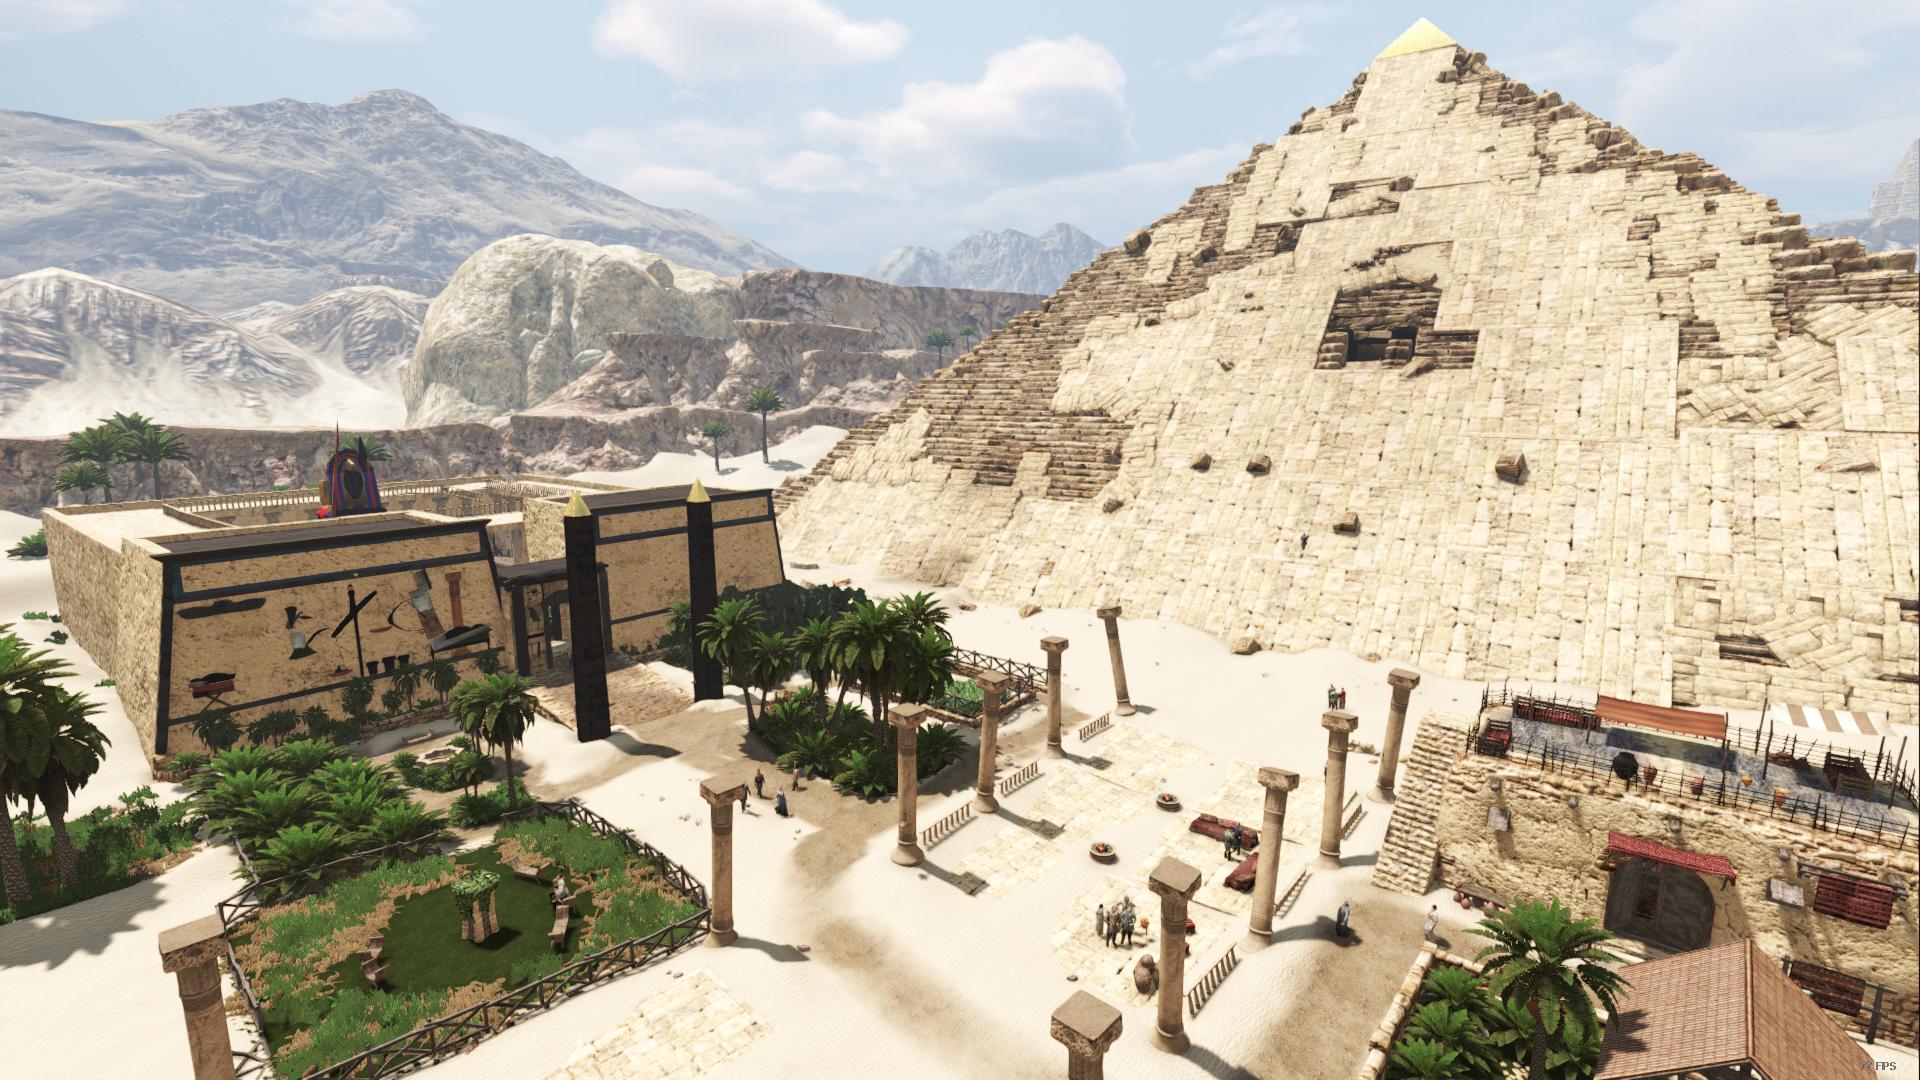 35Gwae_Pyramid_Village.png